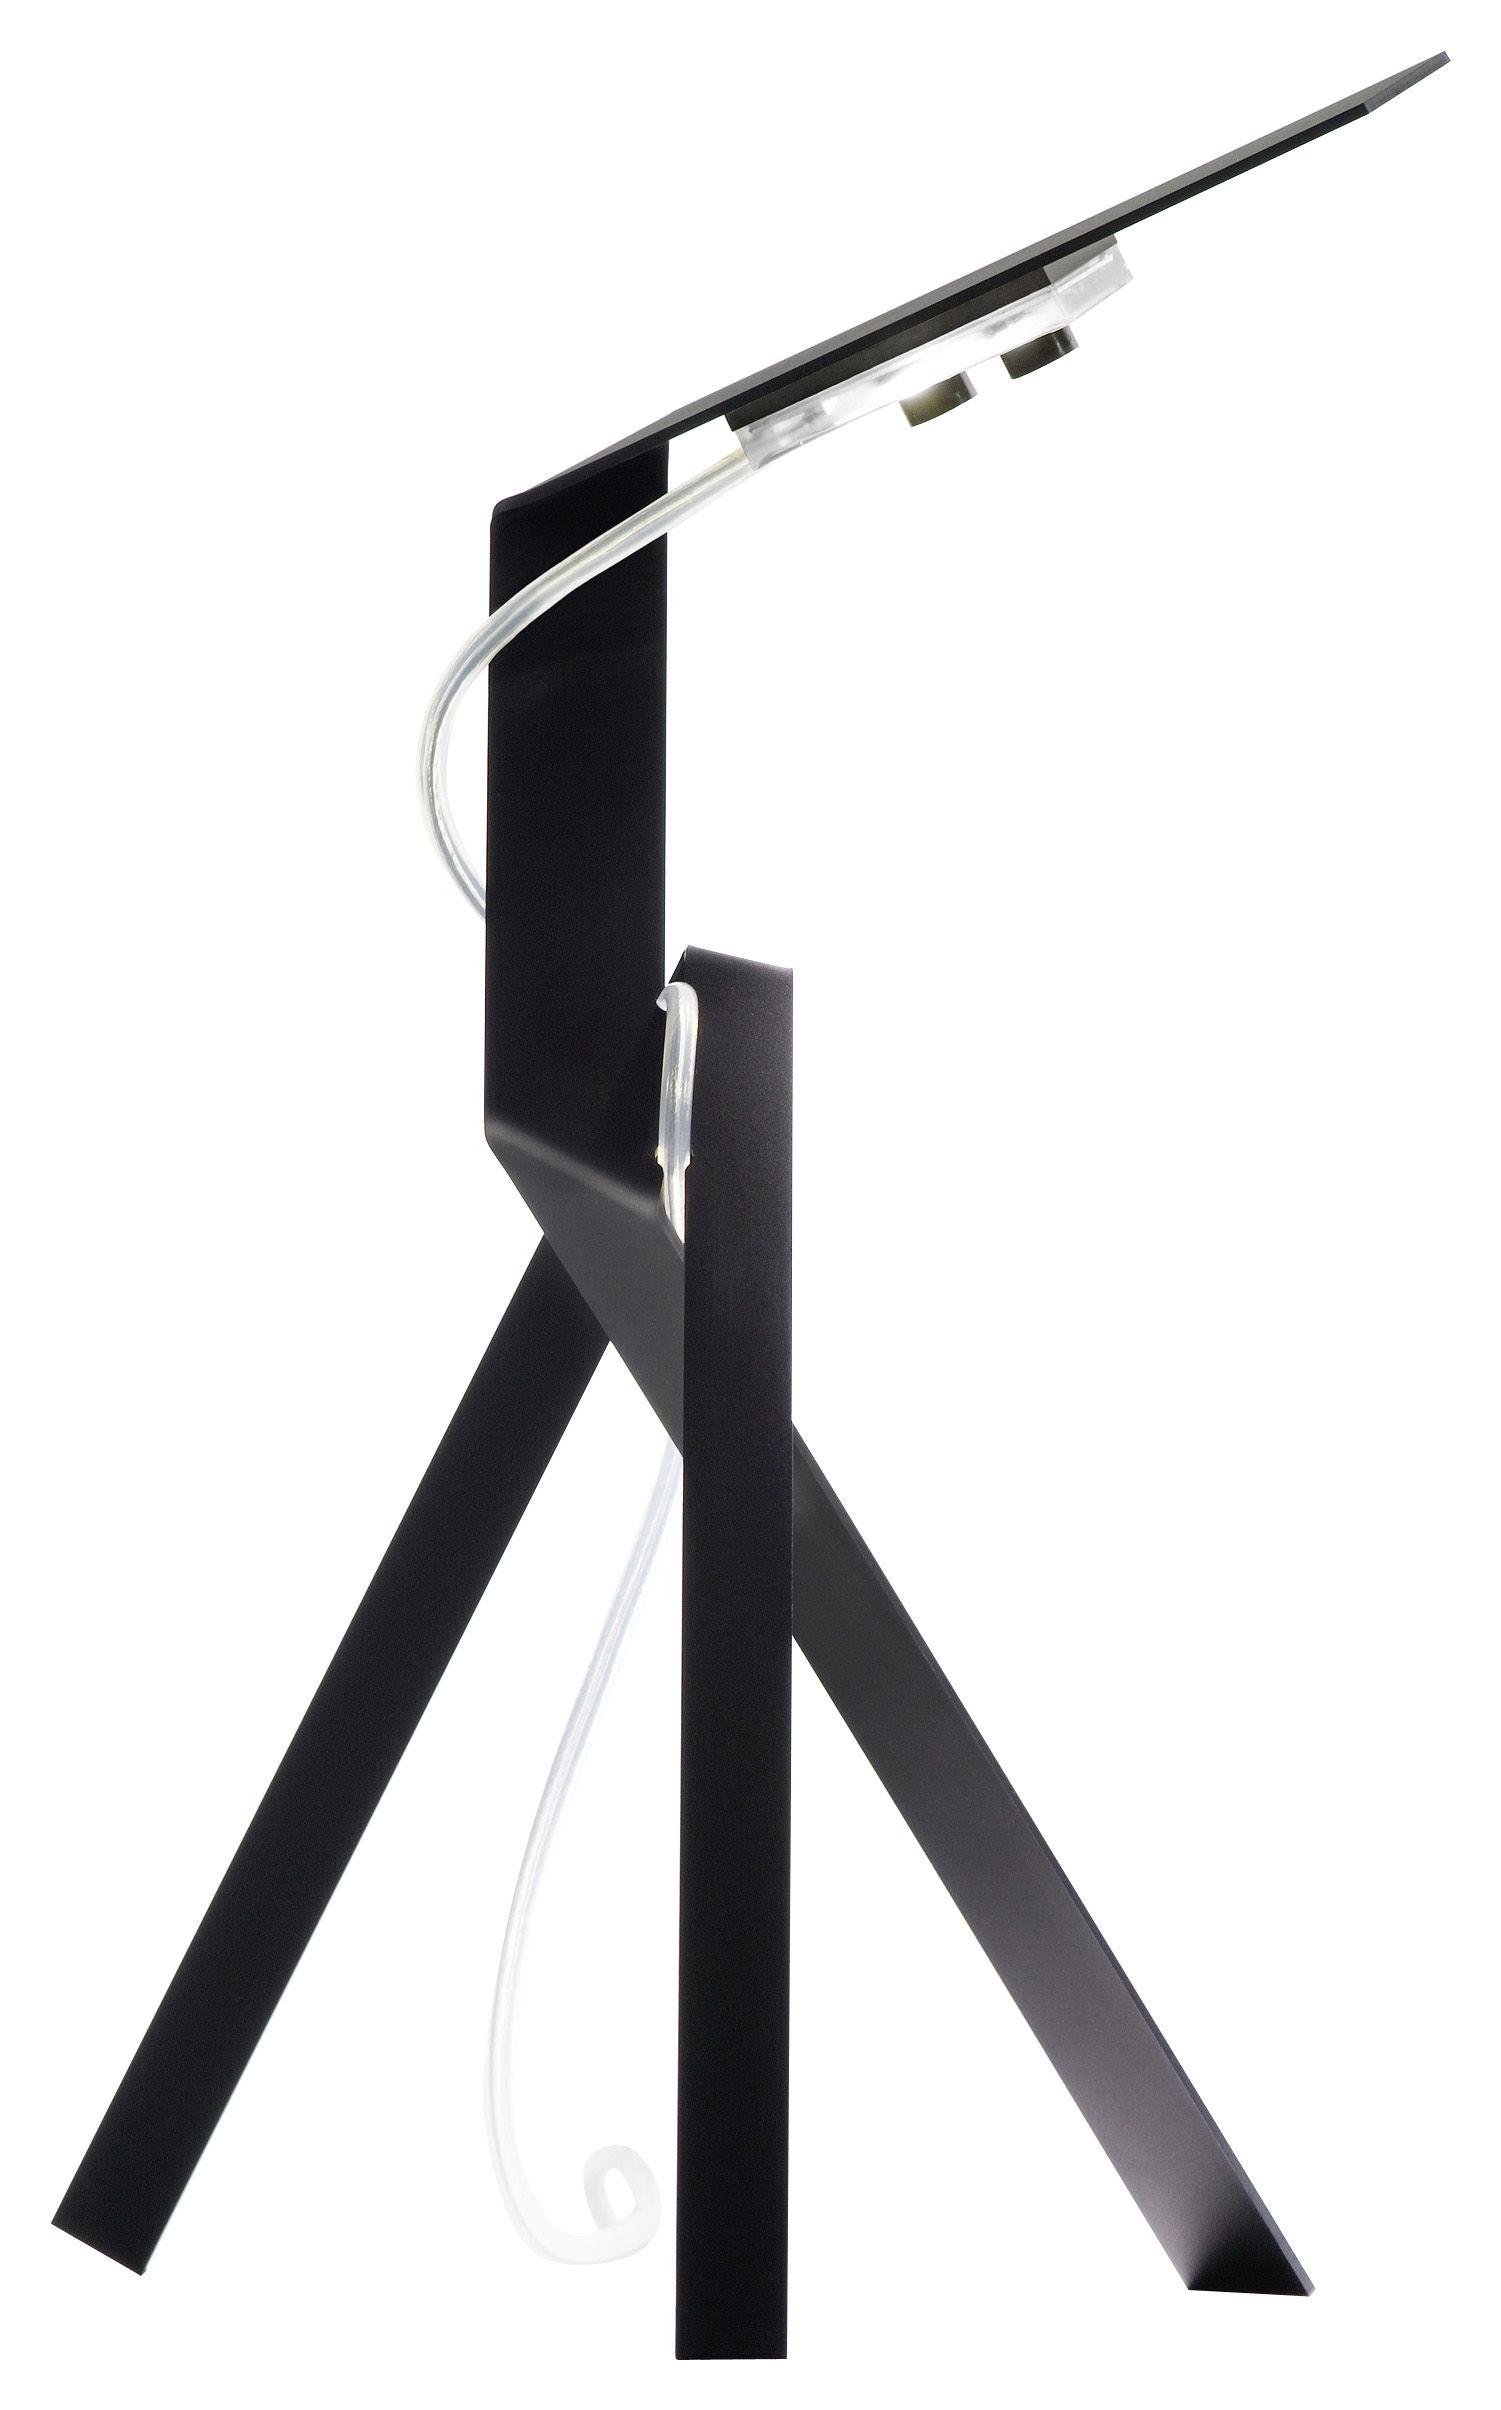 Leuchten - Tischleuchten - Jetzt Tischleuchte - Ingo Maurer - Schwarz - Aluminium